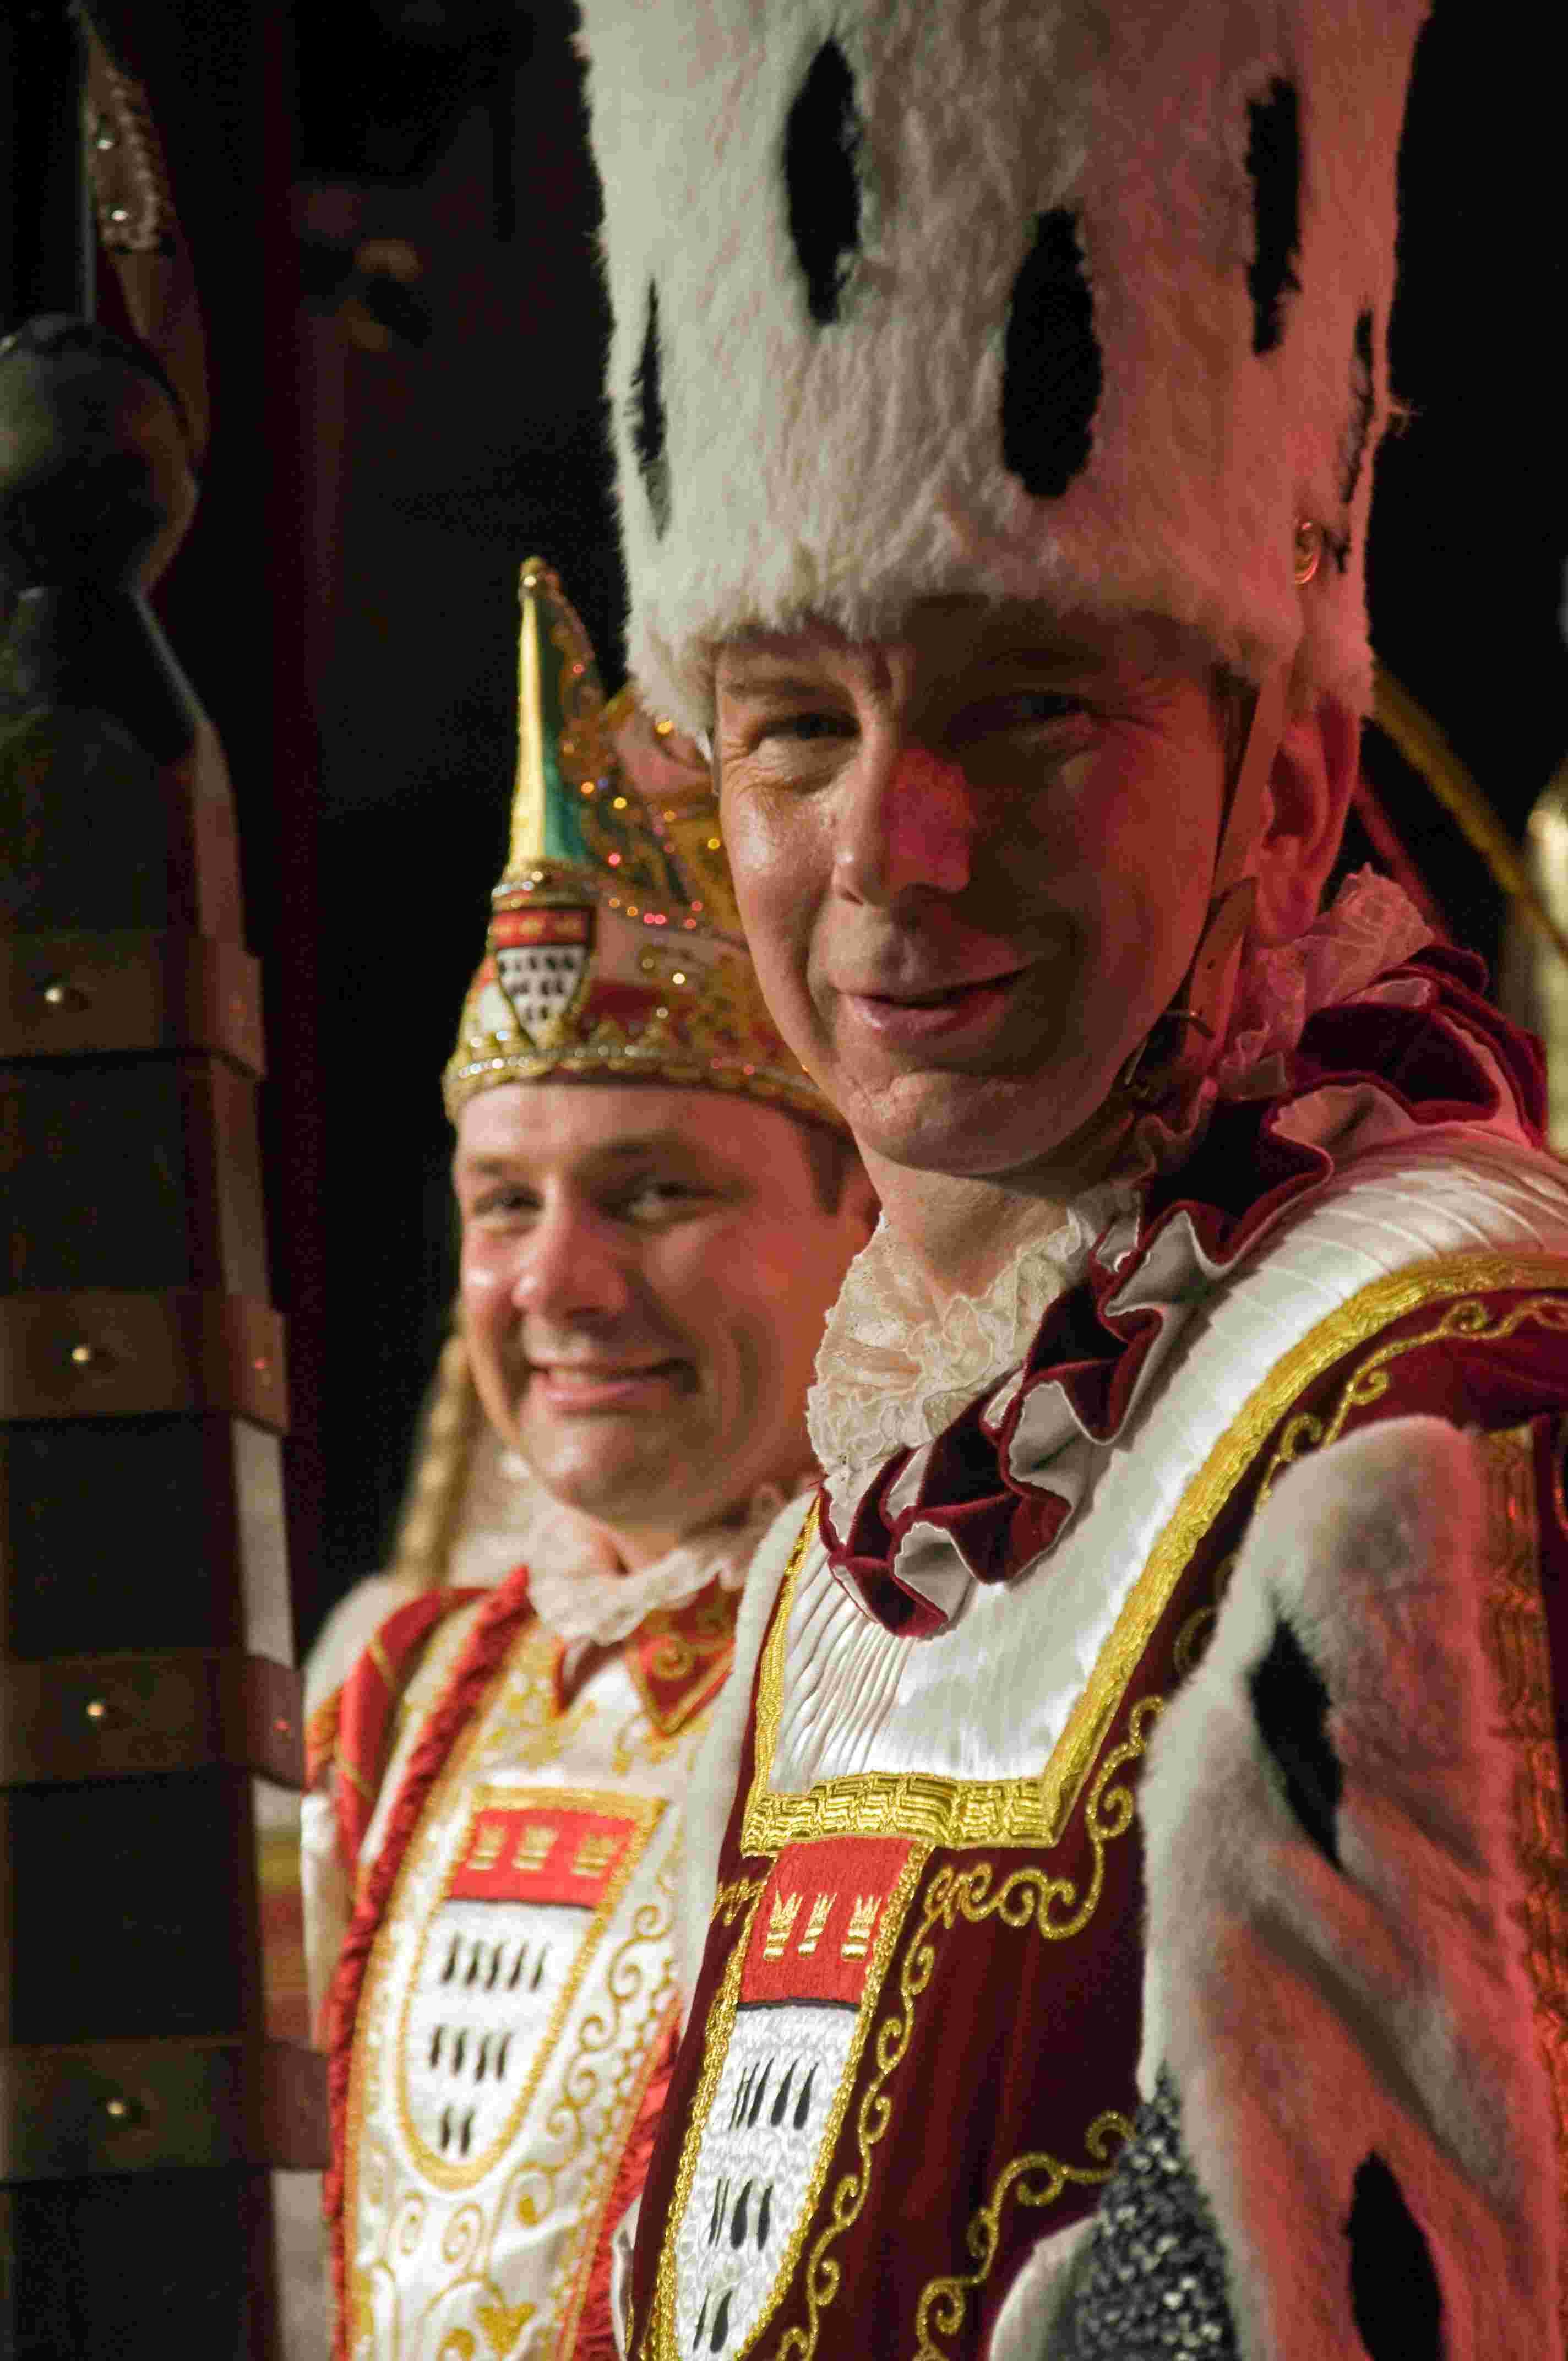 Sitzung 2014 36 - Dreigestirn (Bauer und Prinz)